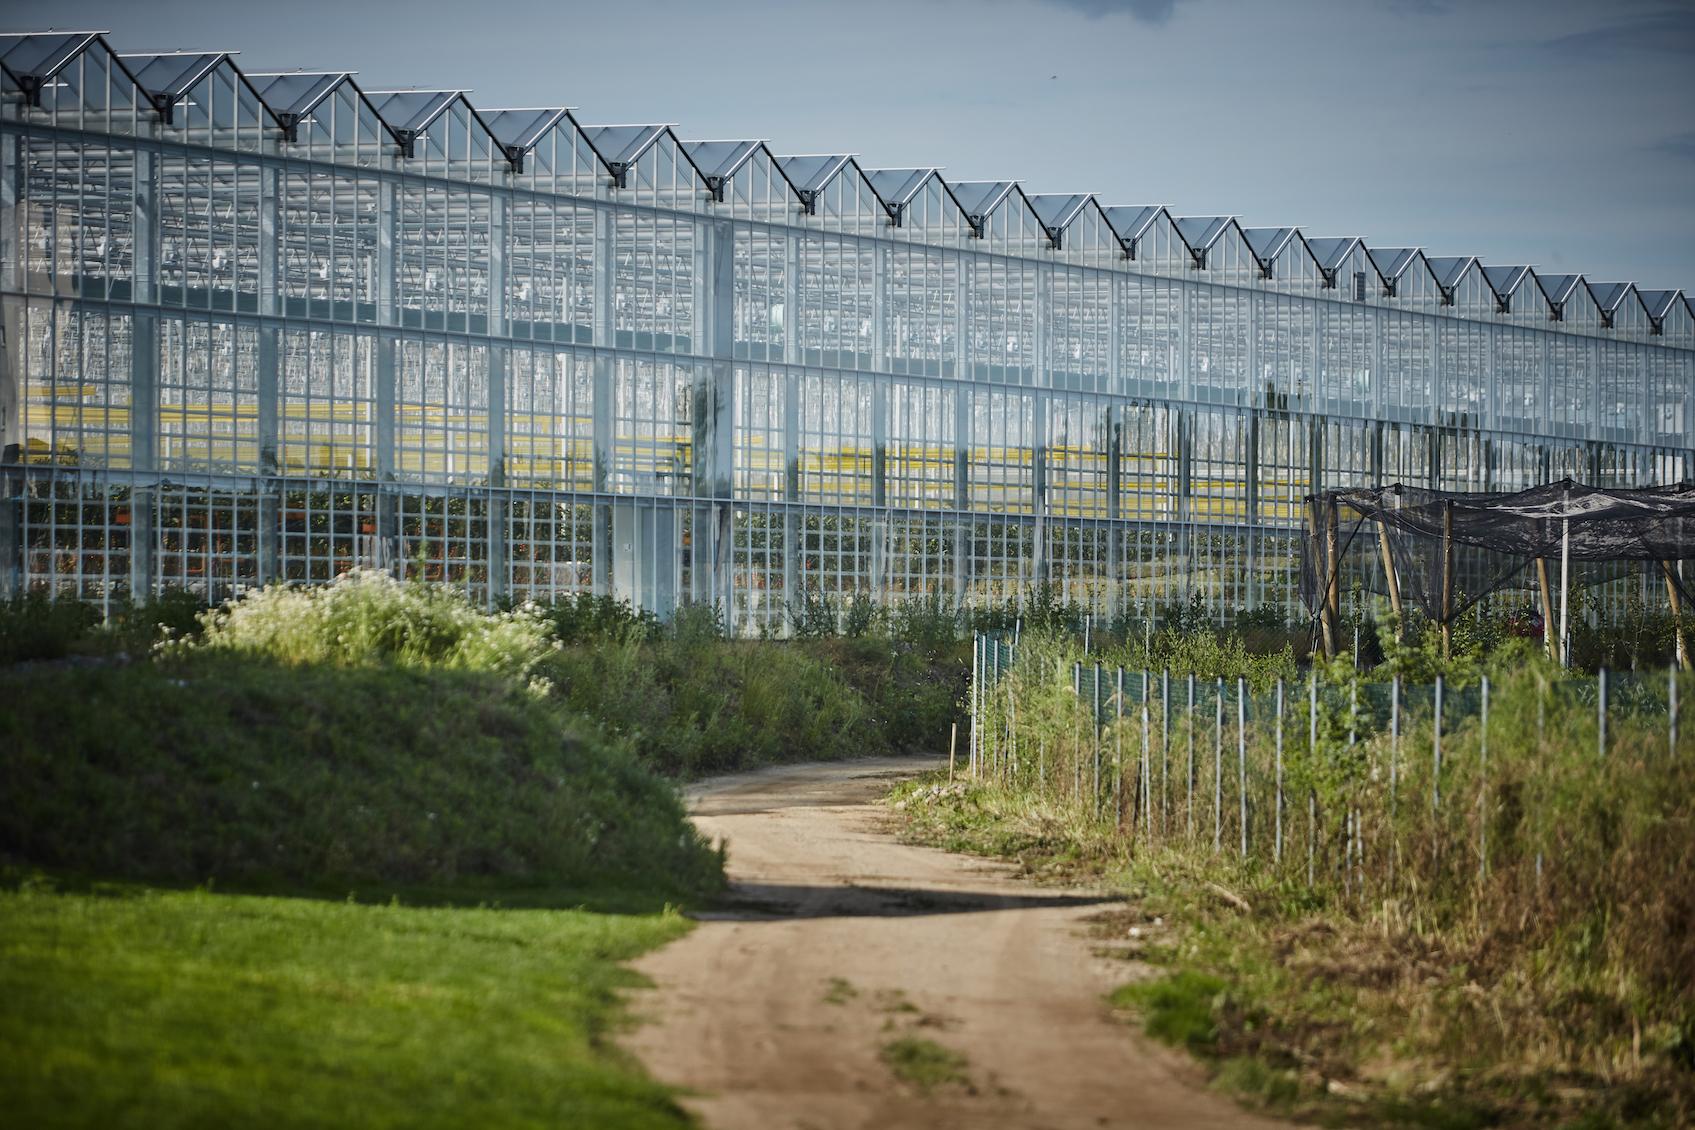 Farma v Kožichovicích – energetický systém pro zemědělství budoucnosti